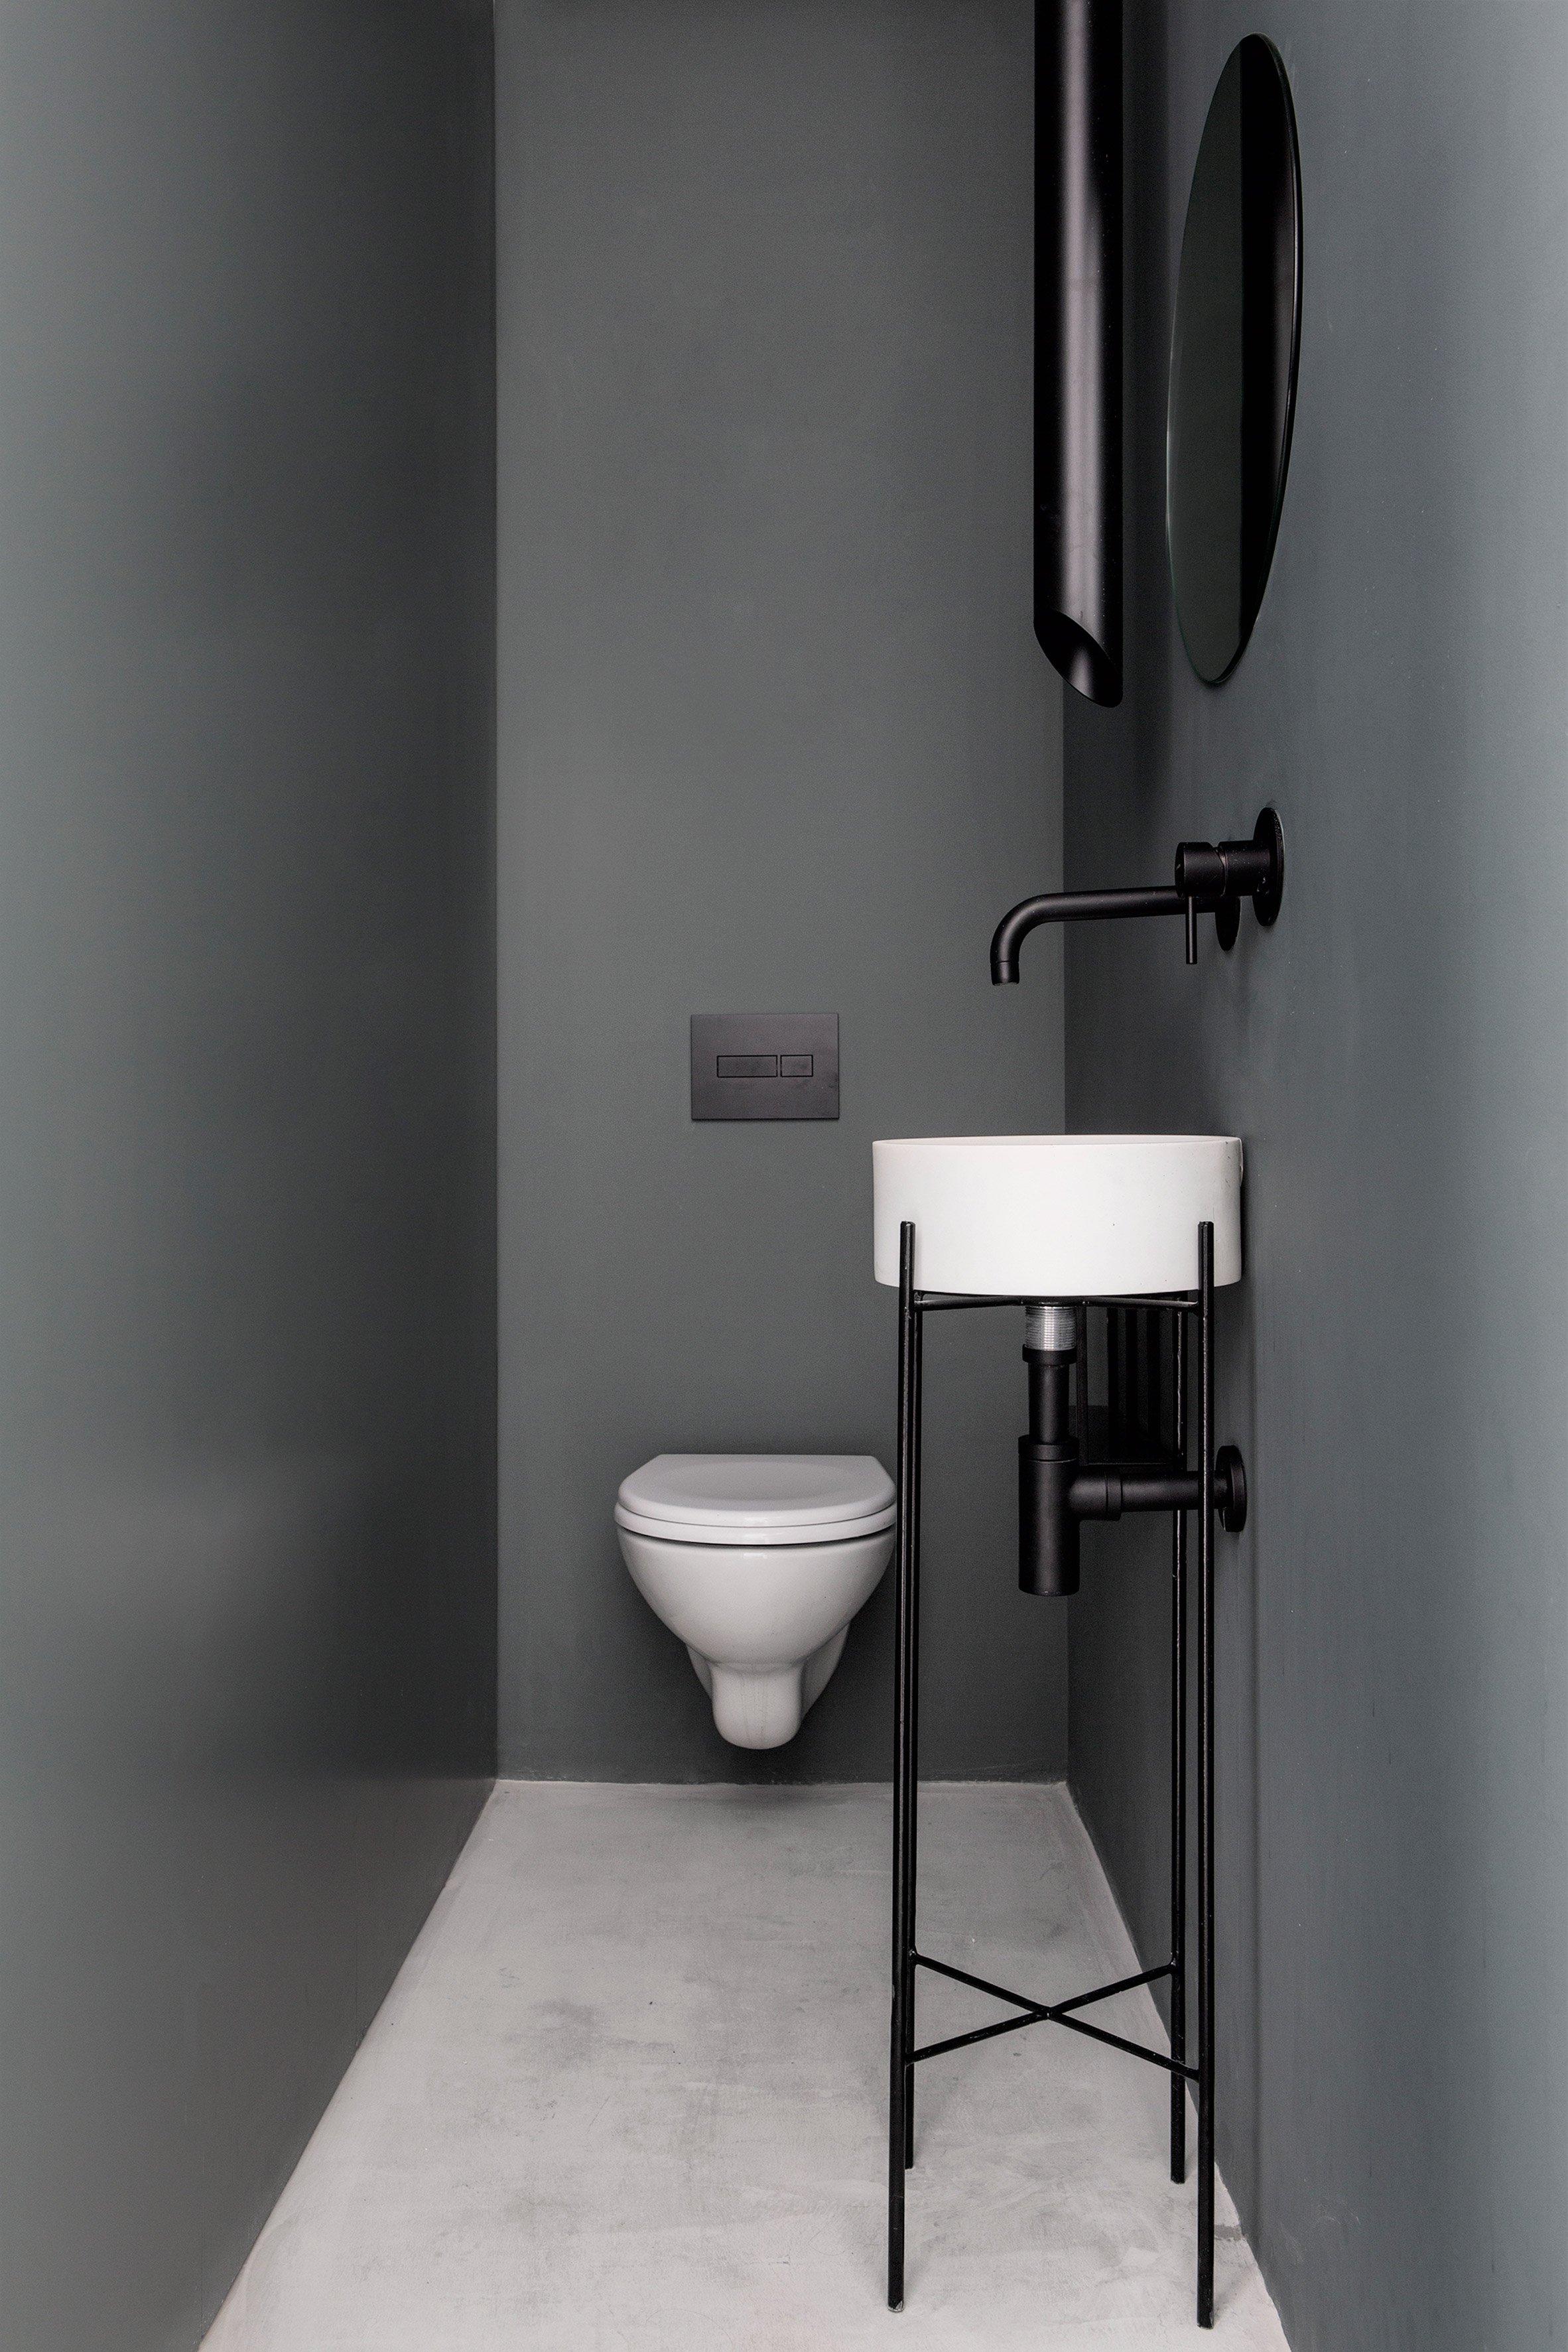 architecture_apartment_minimal_tel-aviv_design_studia_interiors_osnovadesign_osnova_poltava_12